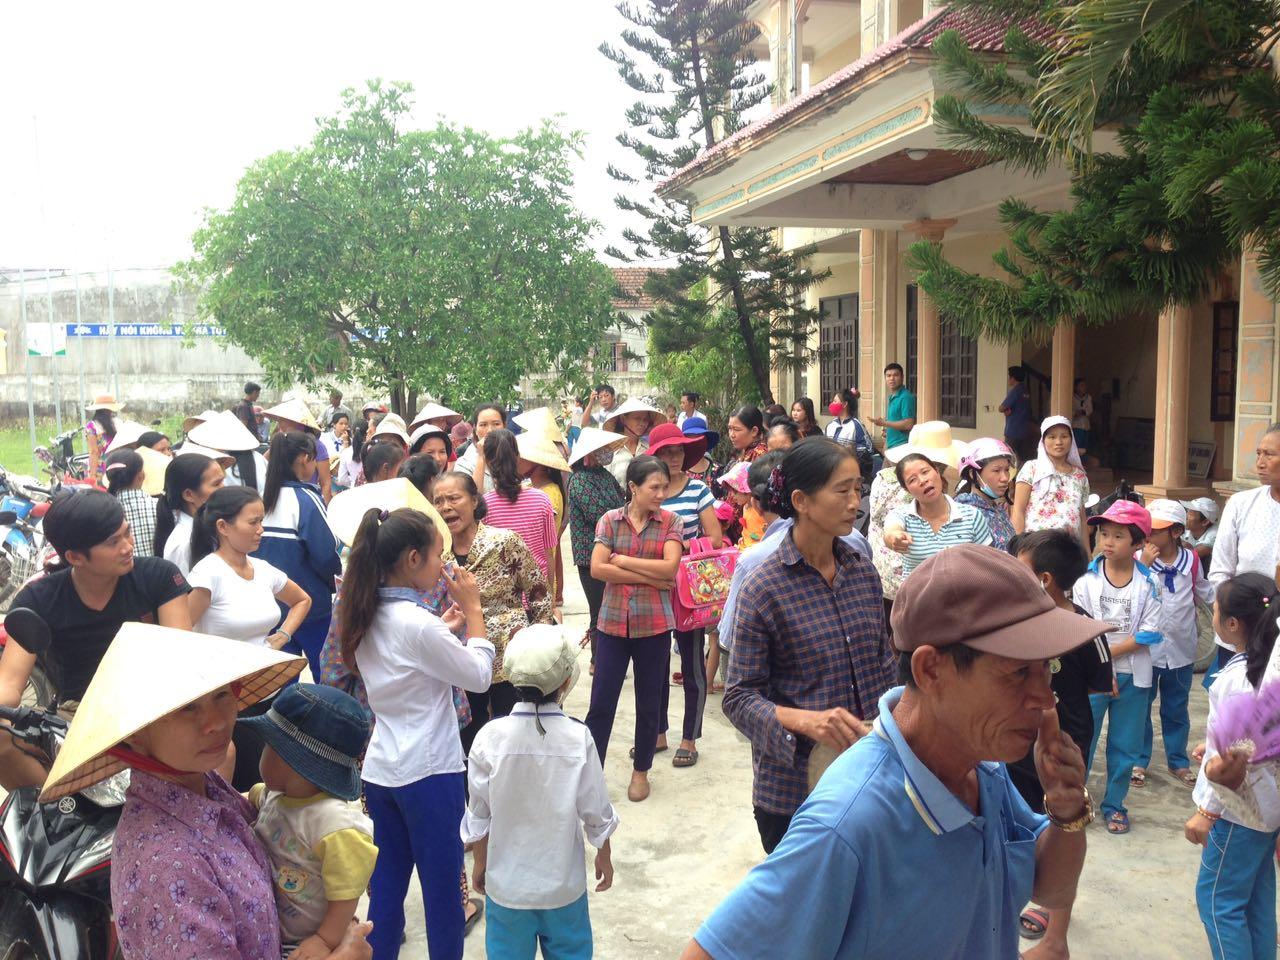 Giáo dân Phú Yên biểu tình vì uỷ ban xã không xác nhận đơn kiện Formosa